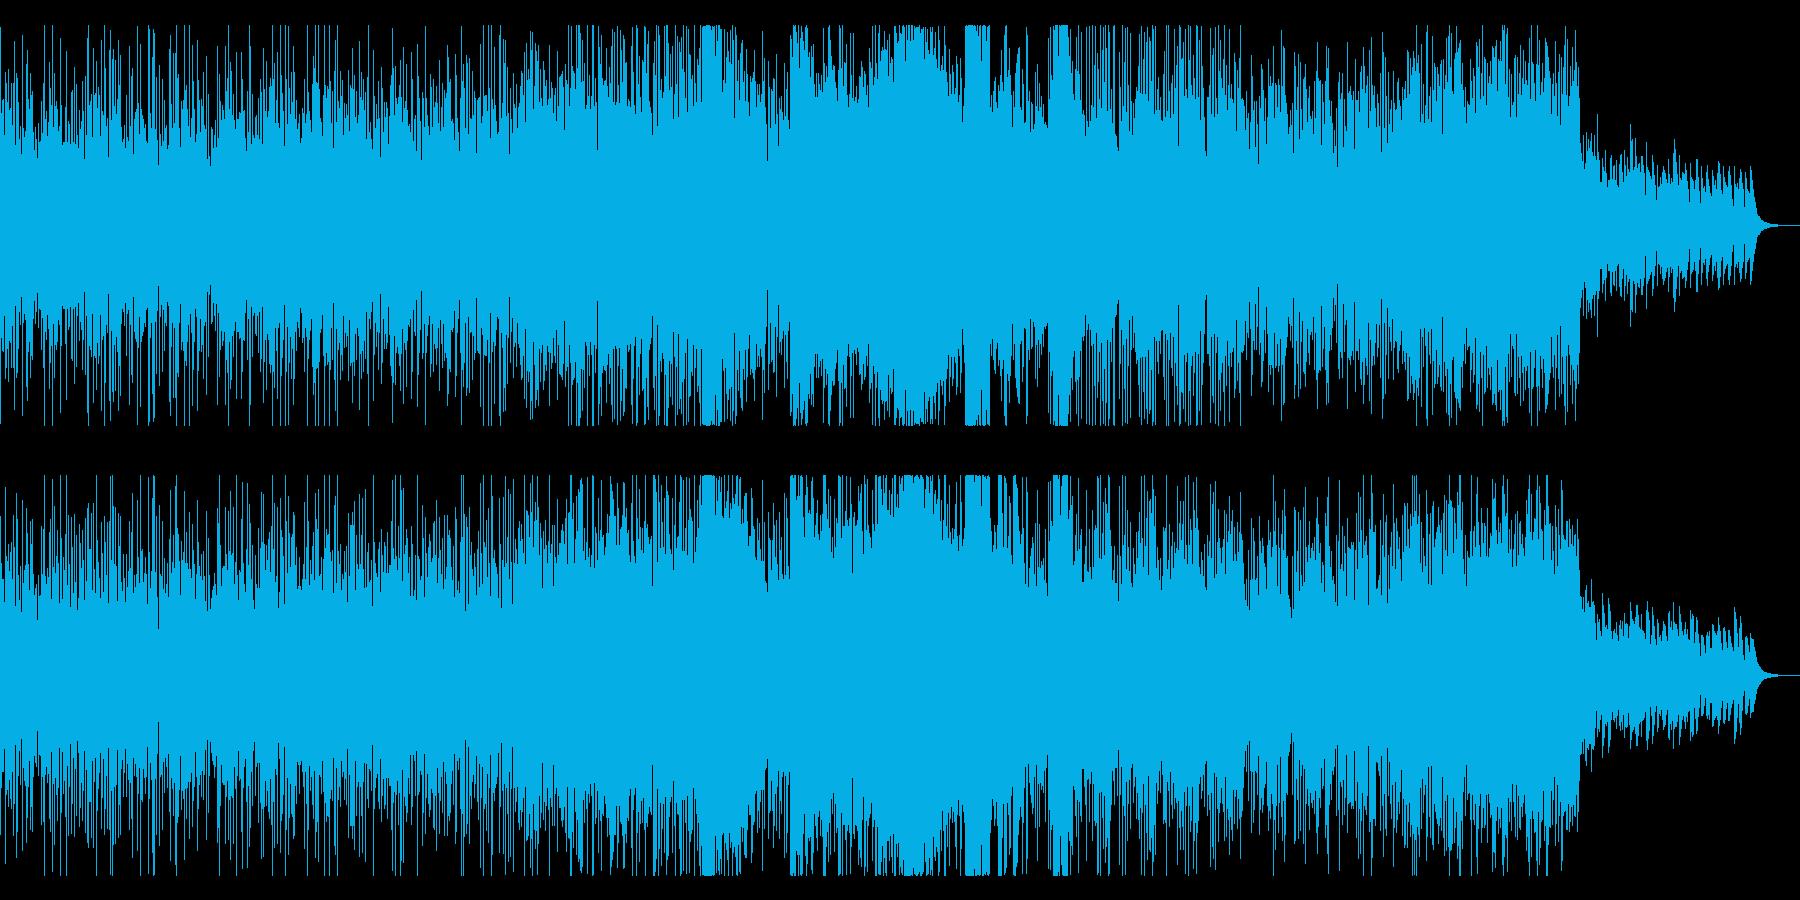 デジタルサイエンスで壮大なBGMの再生済みの波形